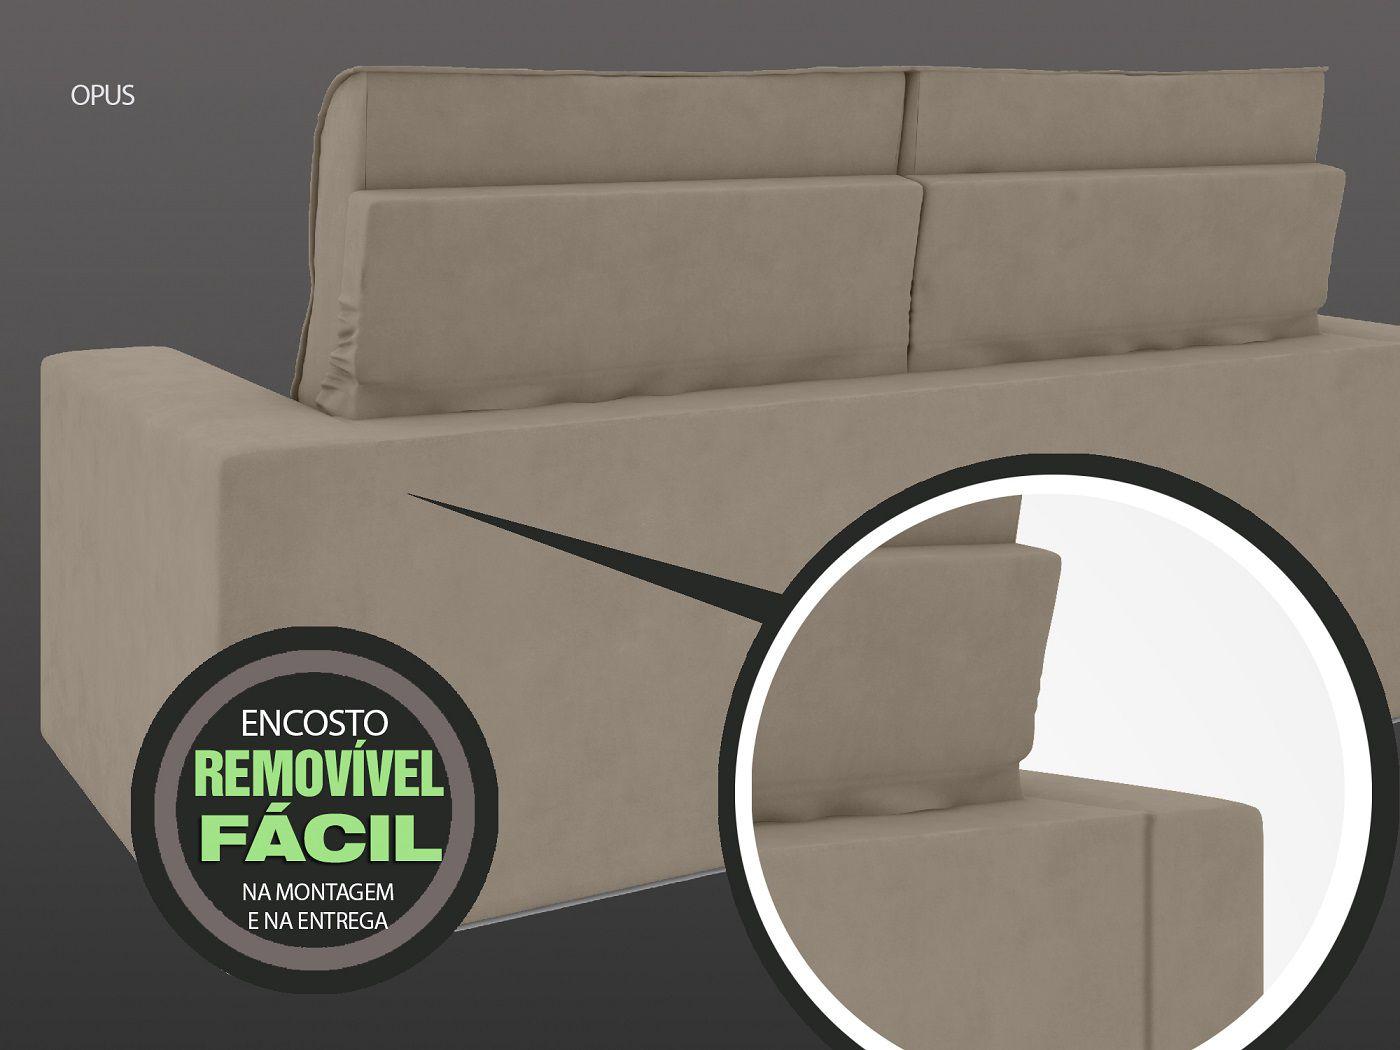 Sofá 3 Lugares Net Opus Assento Retrátil e Reclinável Capuccino 1,85m (L)